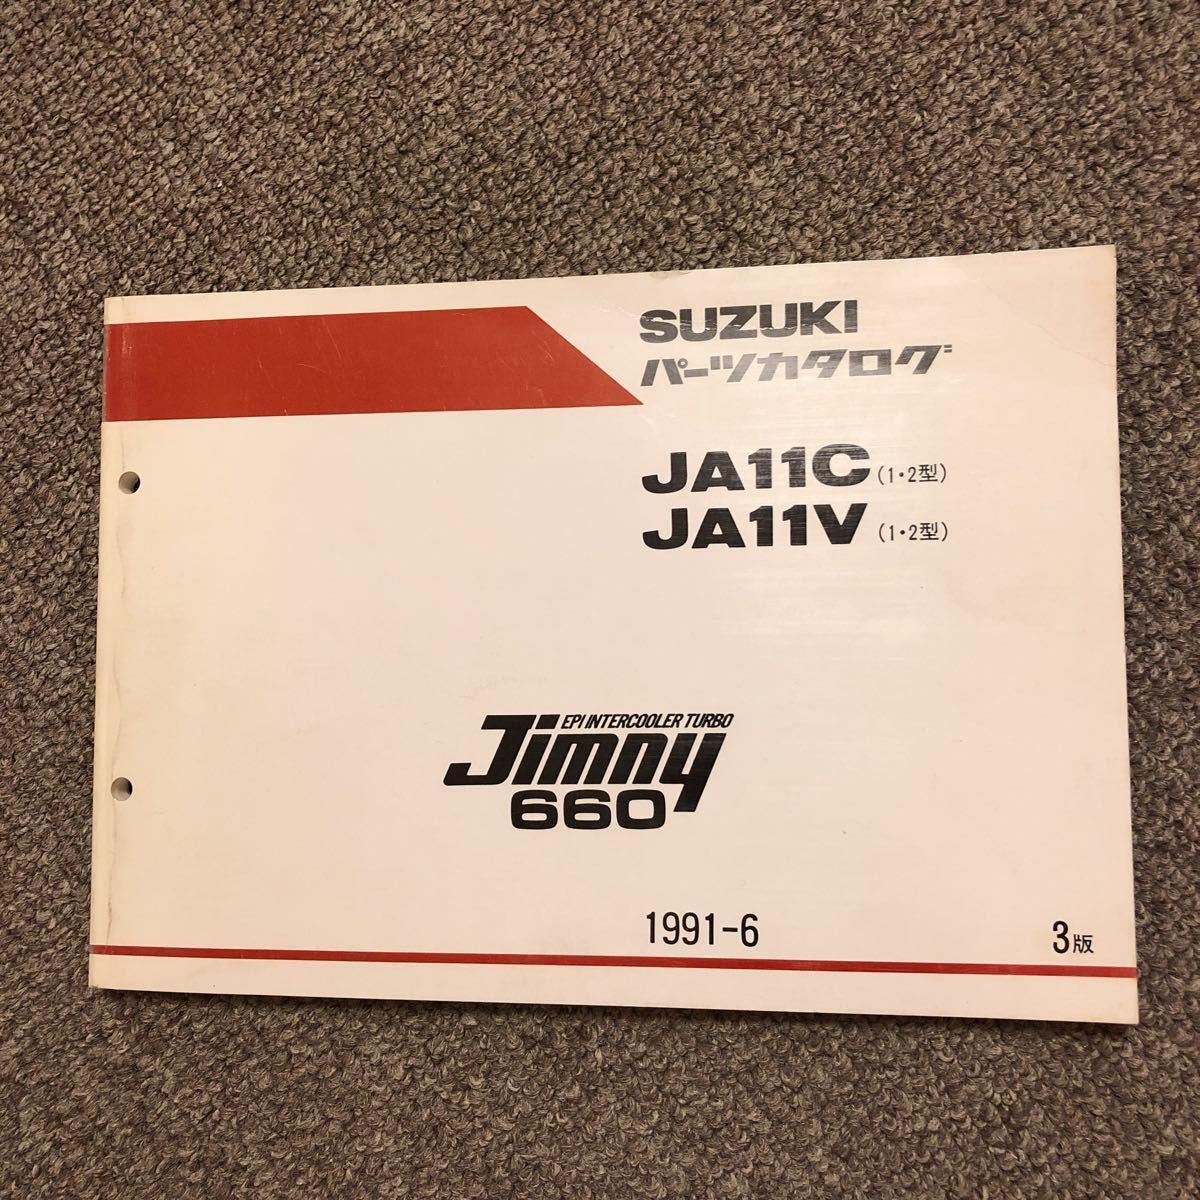 【送料無料】ジムニーJA11C JA11V パーツカタログ スズキ パーツリスト suzuki 660